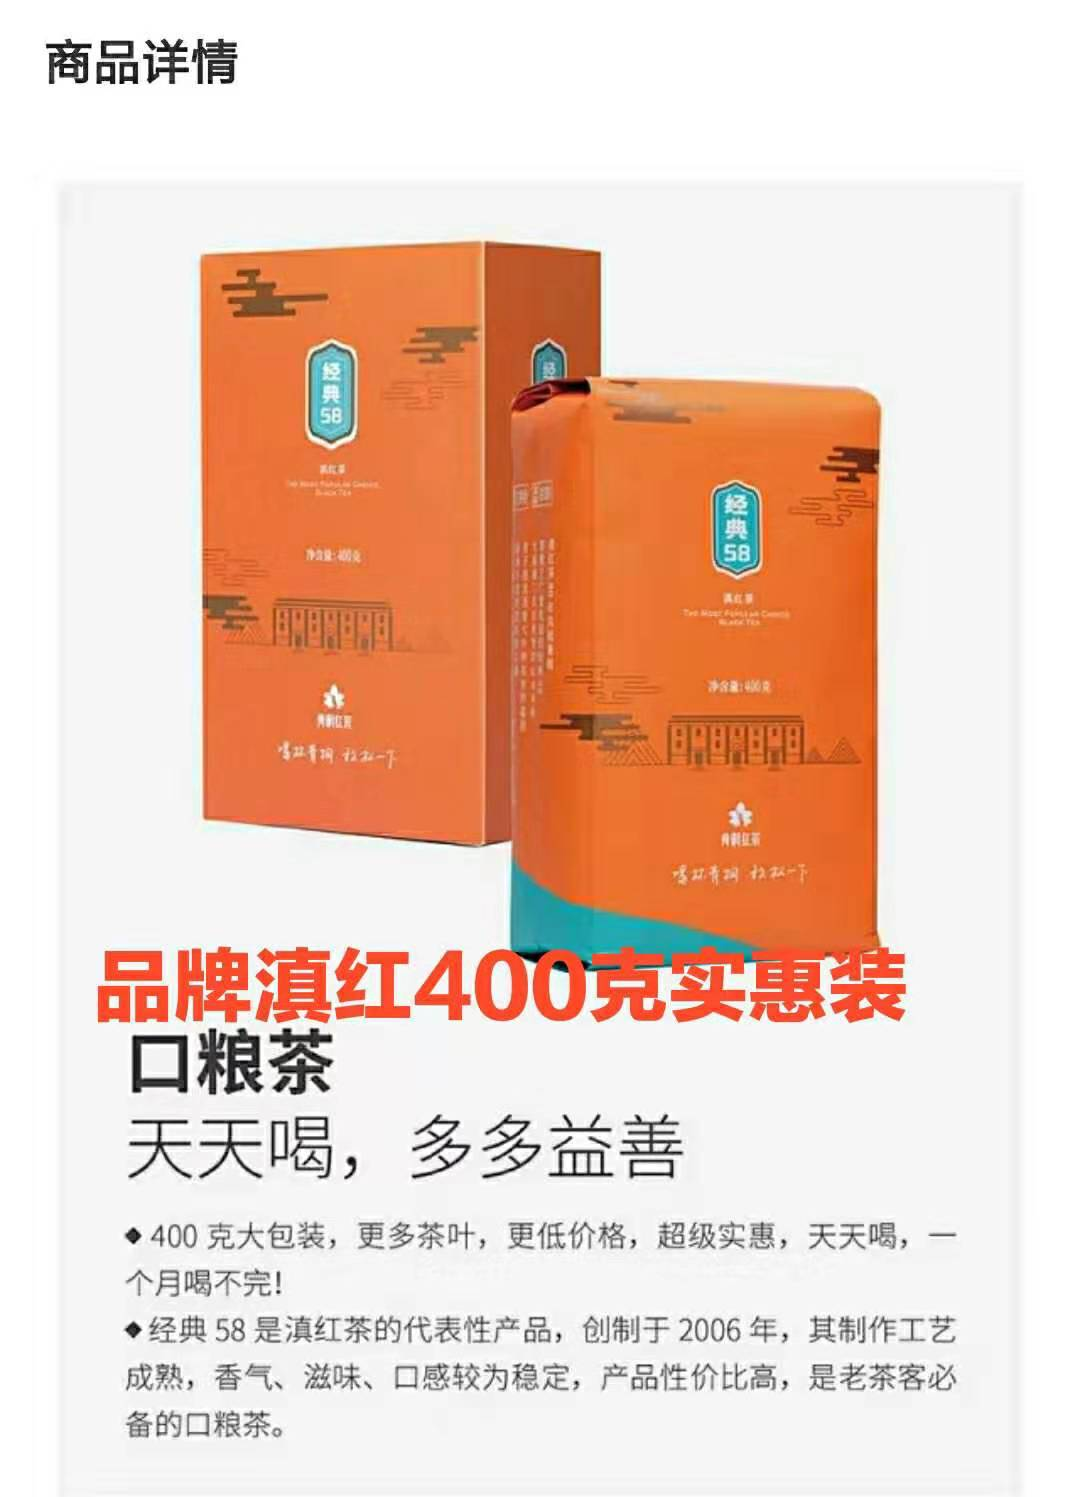 青桐ブランド特級雲南紅経典58花果香濃郁装箱400グラム包装して中国雲南省鳳慶に郵送します。